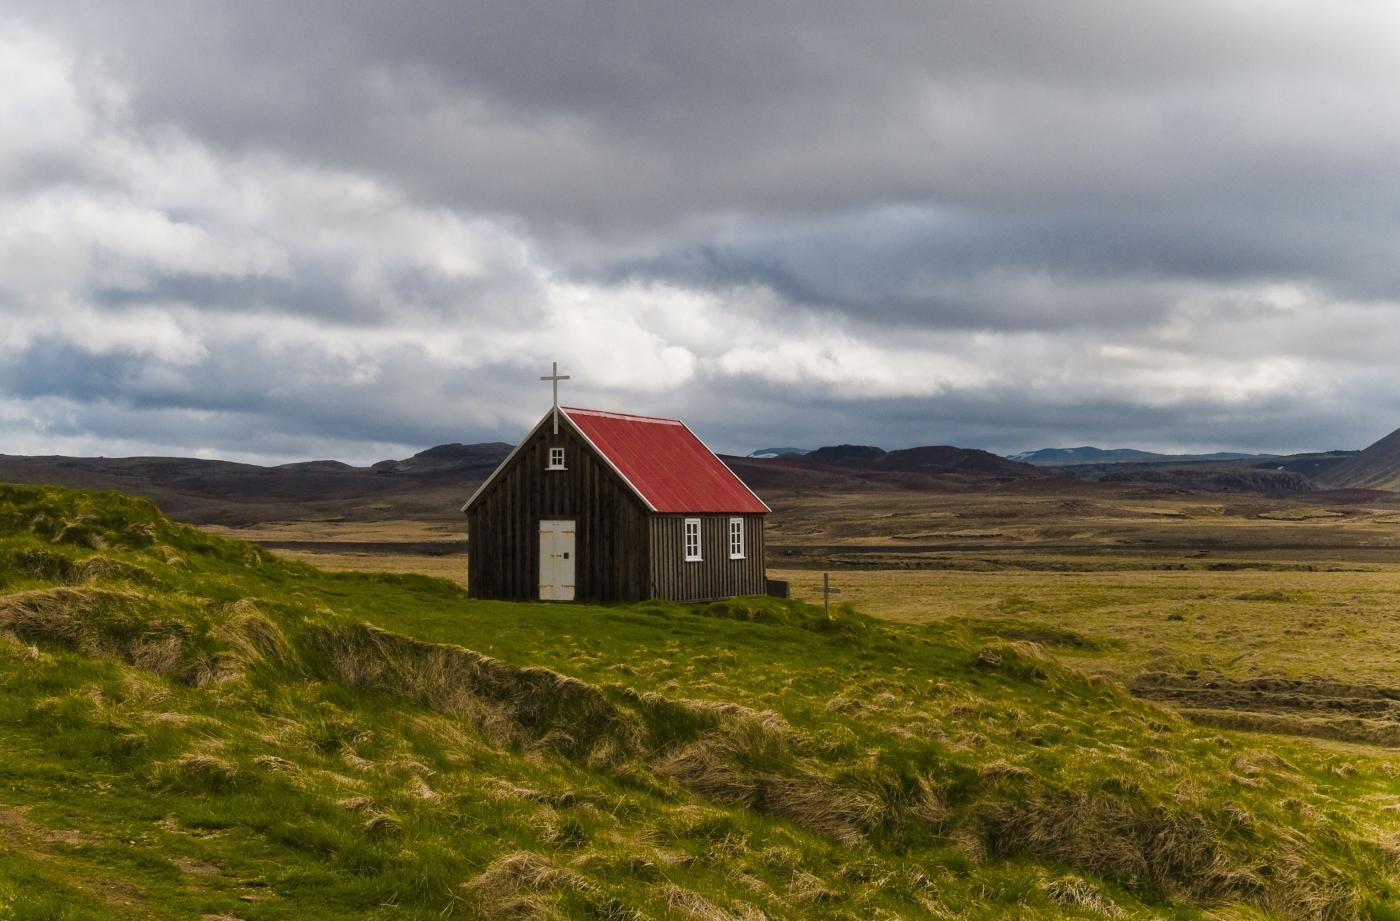 Uguaglianza retributiva, in Islanda è legge: stesso stipendio per uomini e donne